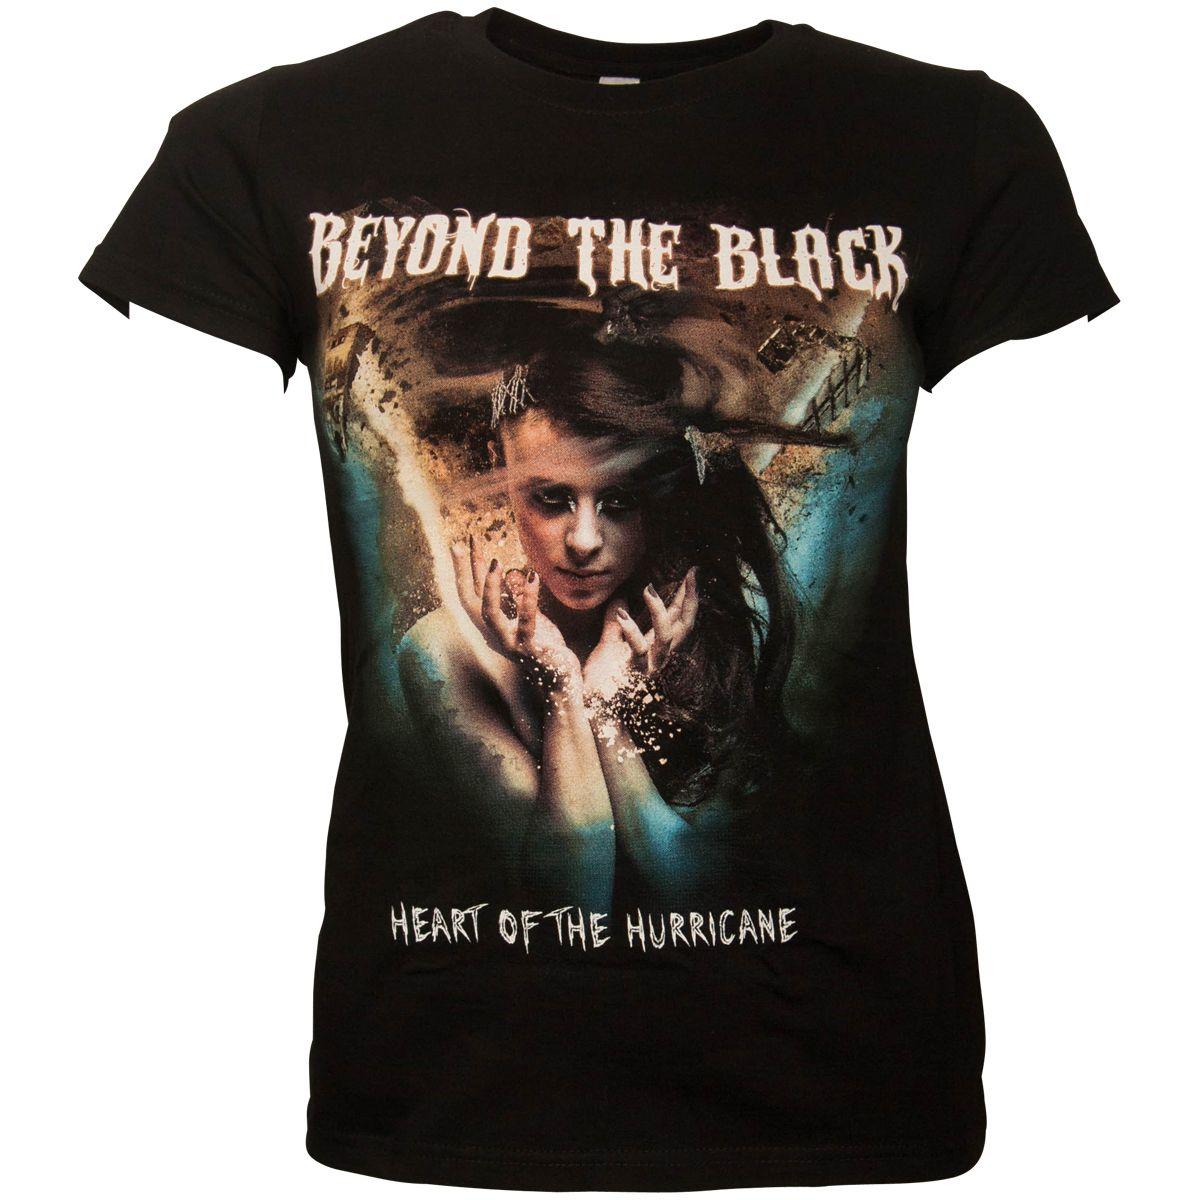 Beyond The Black - Frauen Tour Shirt Heart Of - schwarz